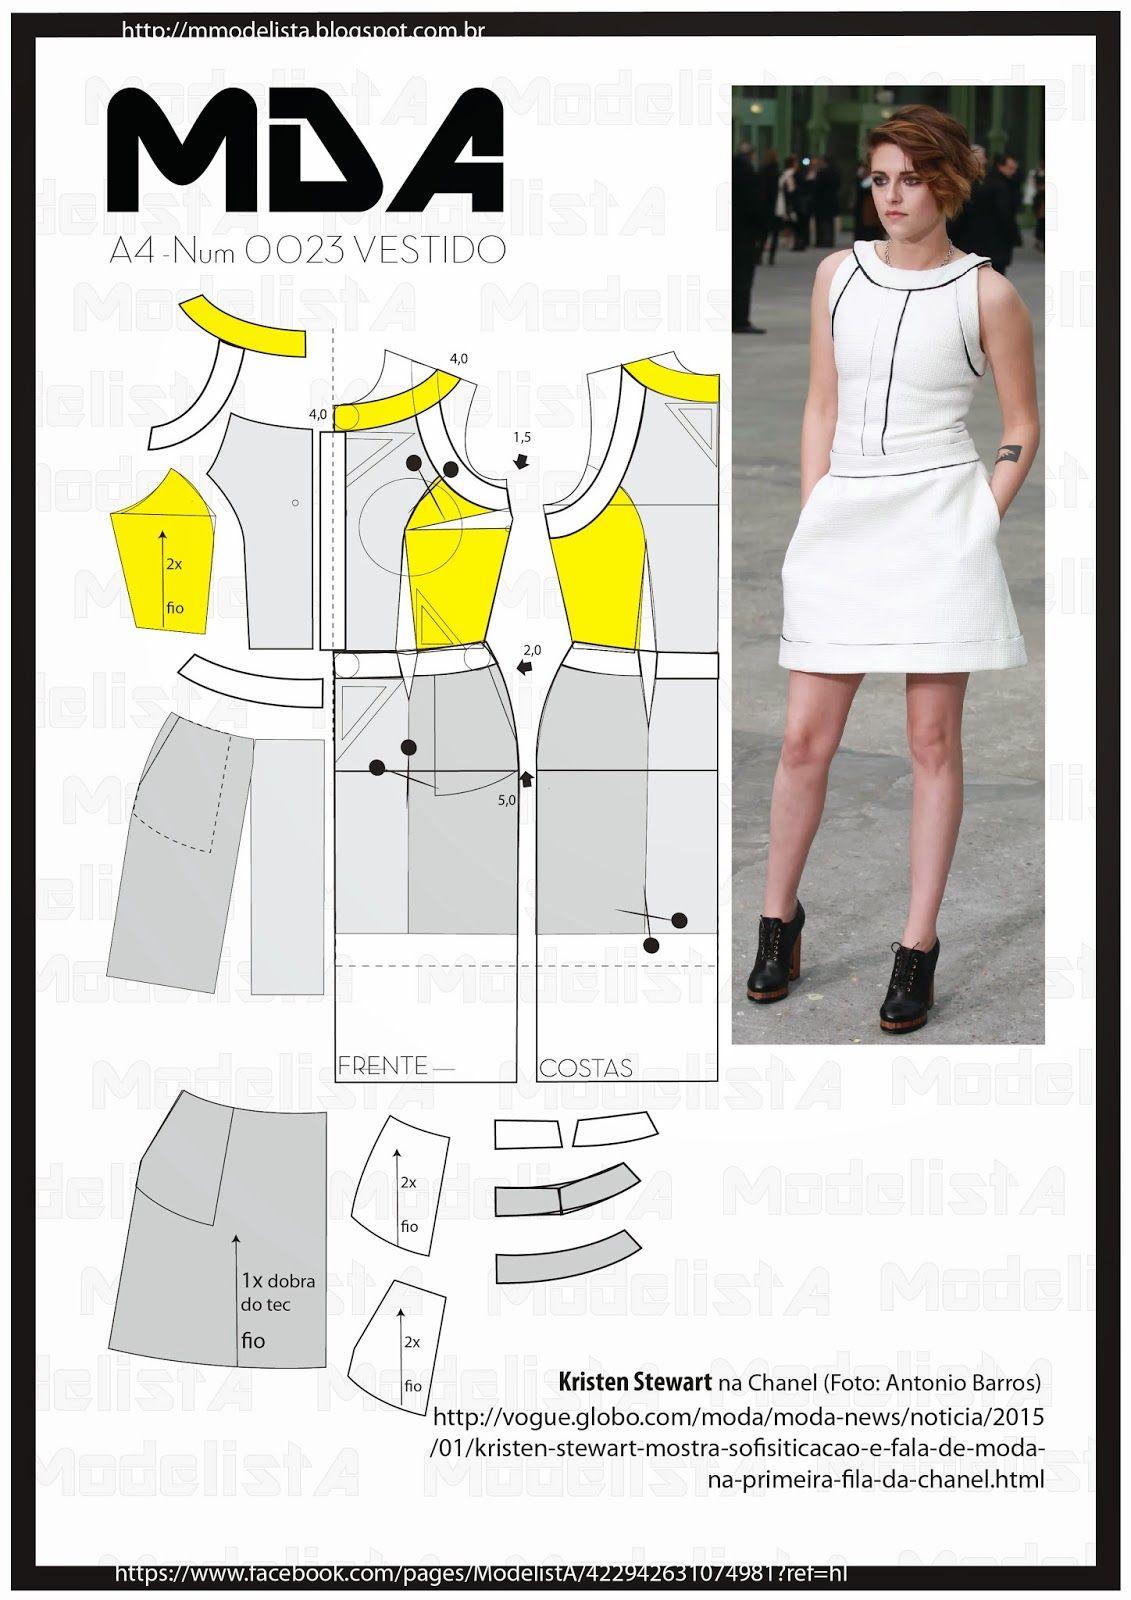 A4 - NUM - 0023 - VESTIDO | Proyectos de costura, Molduras y Costura